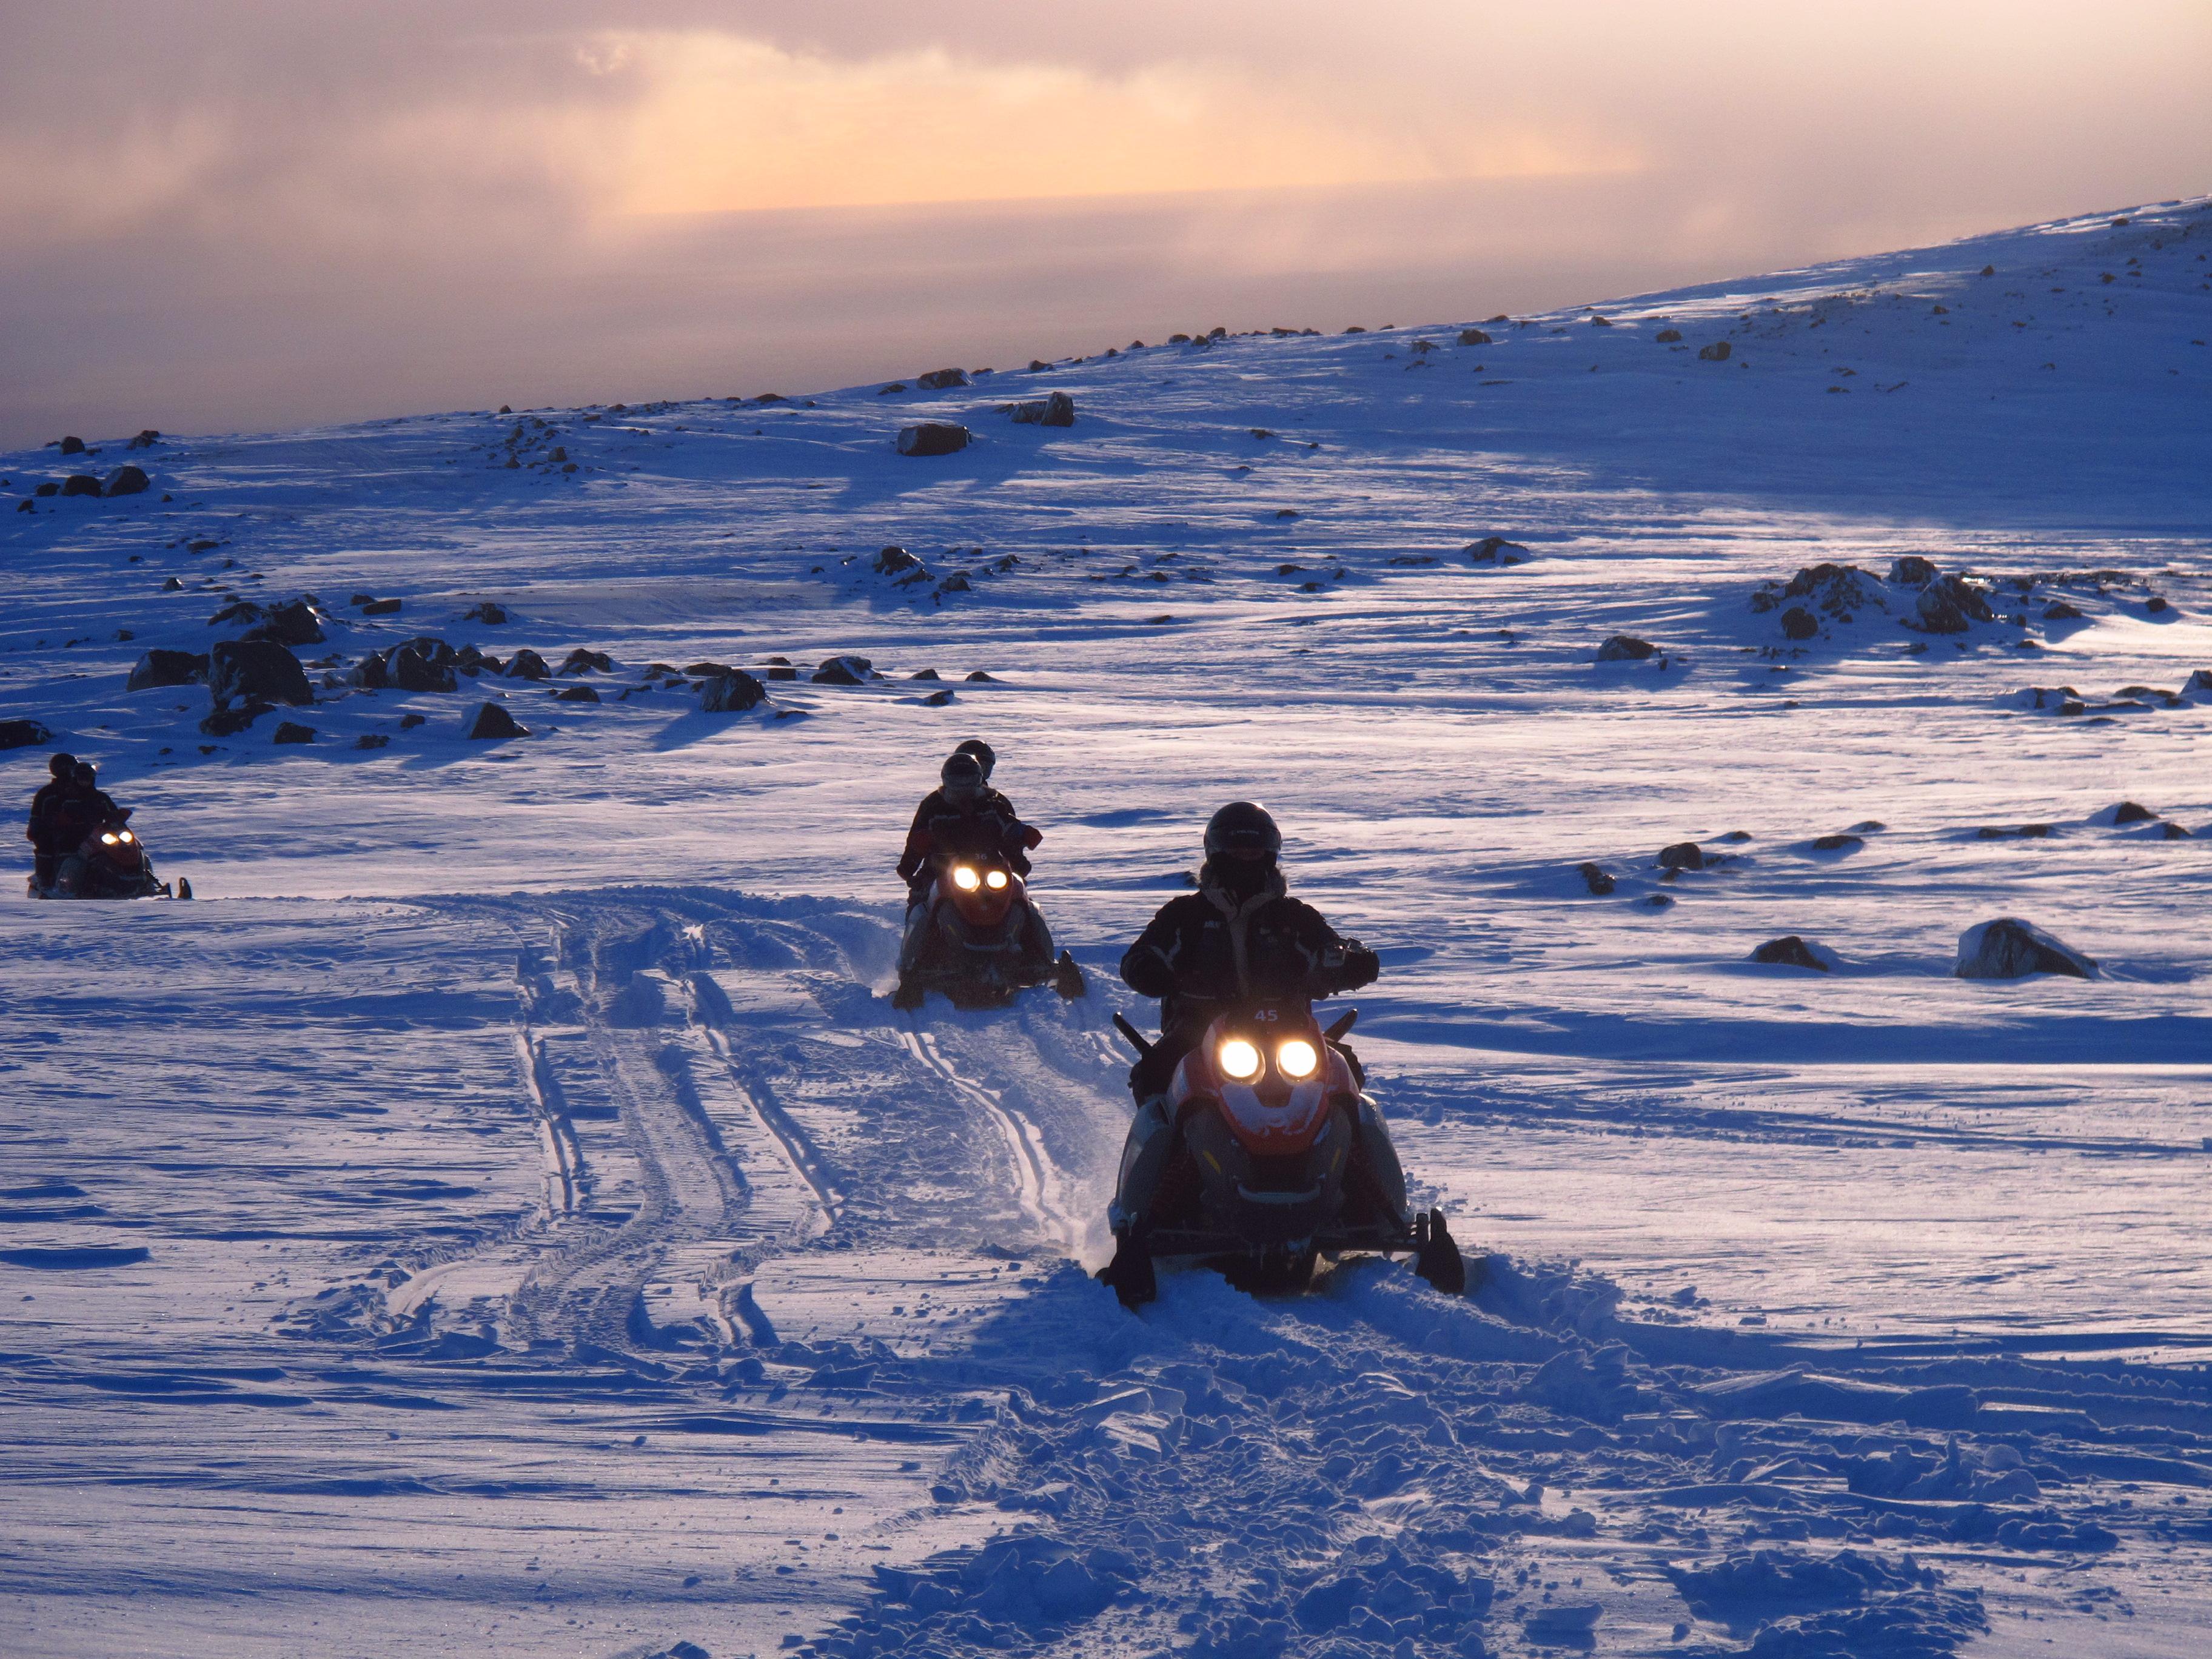 Со снегохода перед вами откроются панорамные виды на ледник Мирадльсйёкюдль.